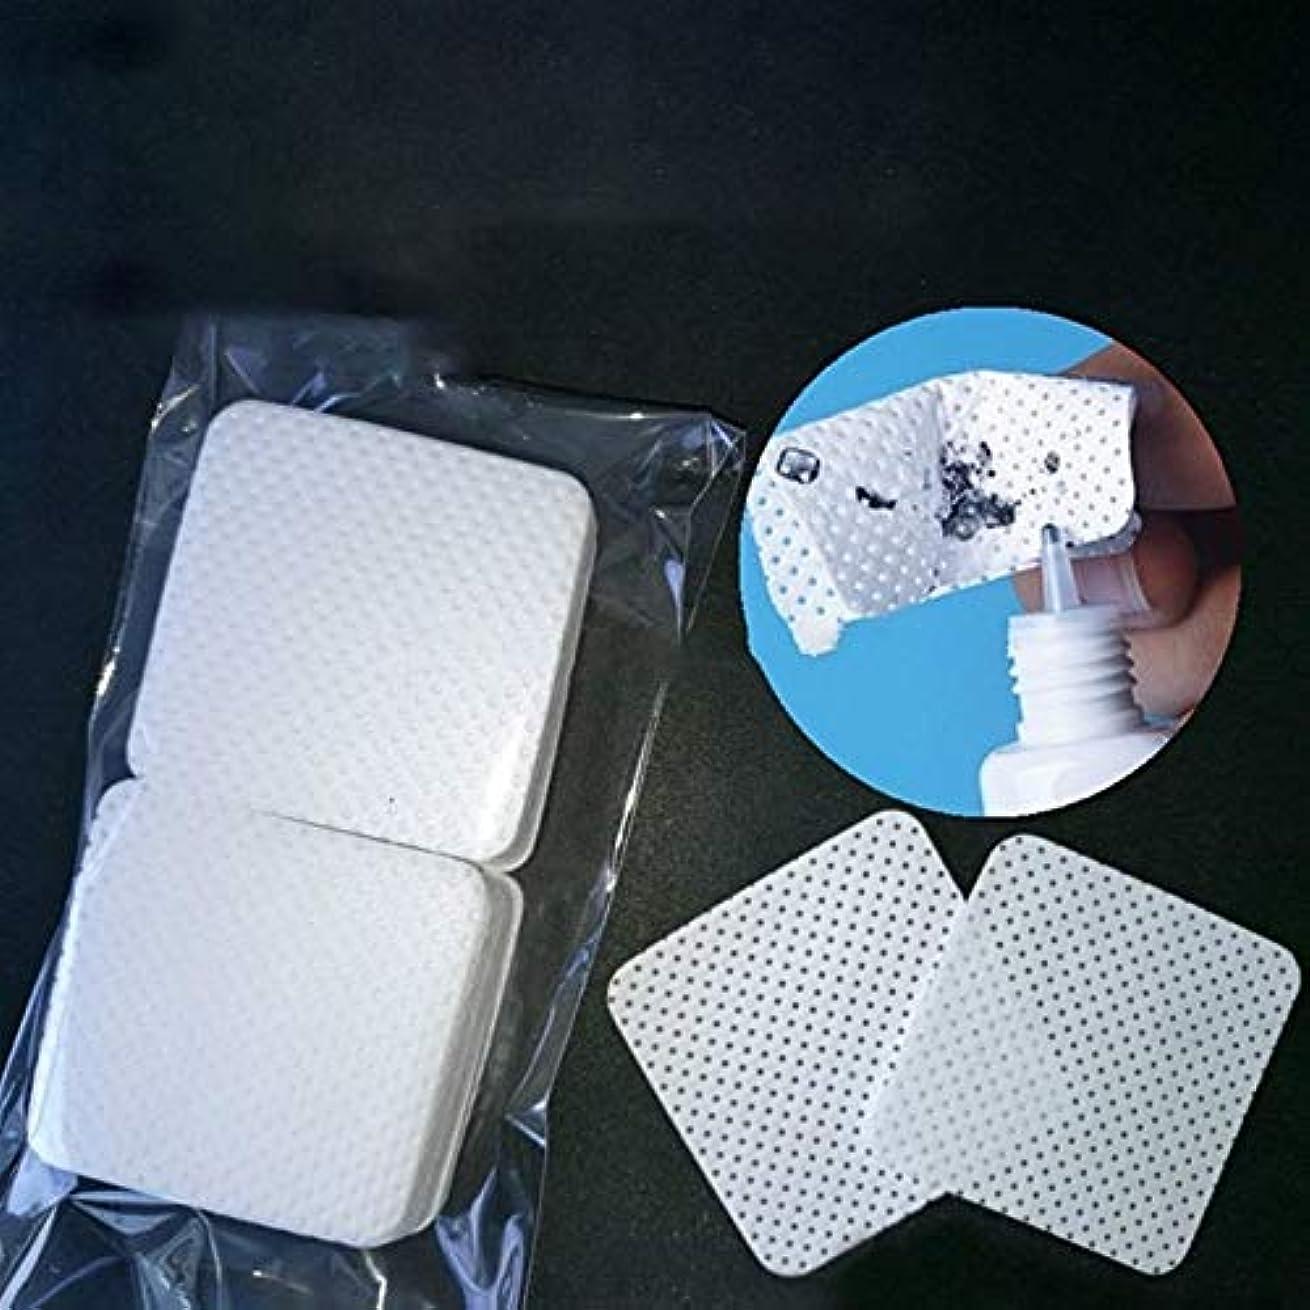 鉄補正油MEI1JIA コットンパッドのメイクアップ化粧品のクリーニングツールを削除QUELLIA 100 PCS/バッグ使い捨てまつげエクステンショングルー